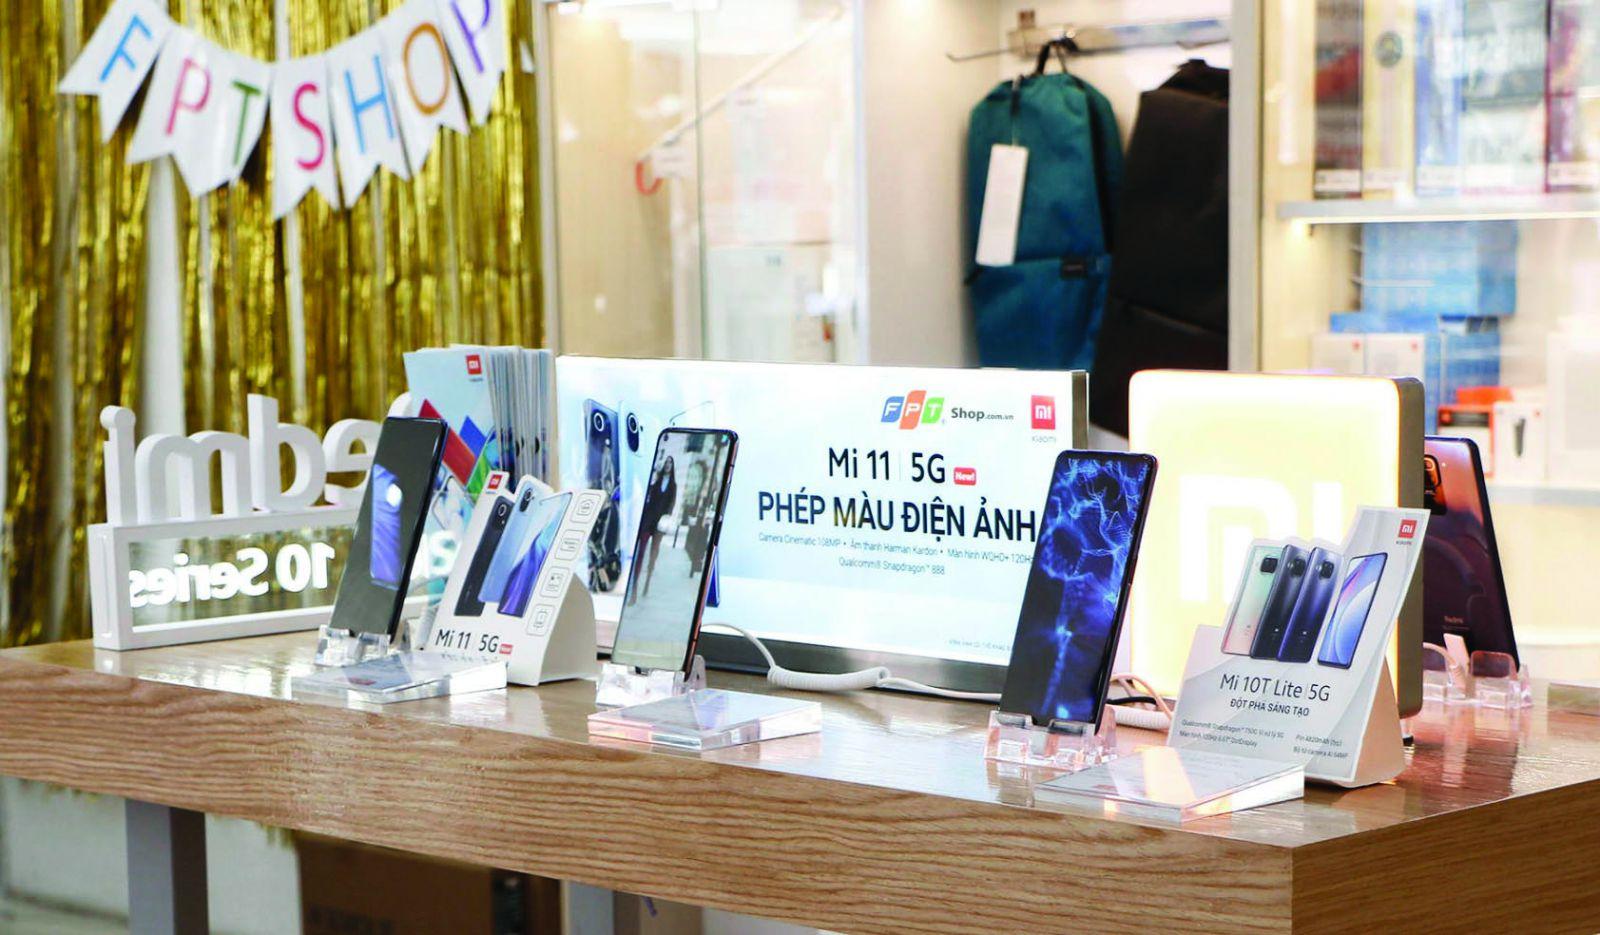 FPT Shop không chỉ bán smartphone Xiaomi mà còn kinh doanh các sản phẩm thông minh IoT thuộc Mi Eco.